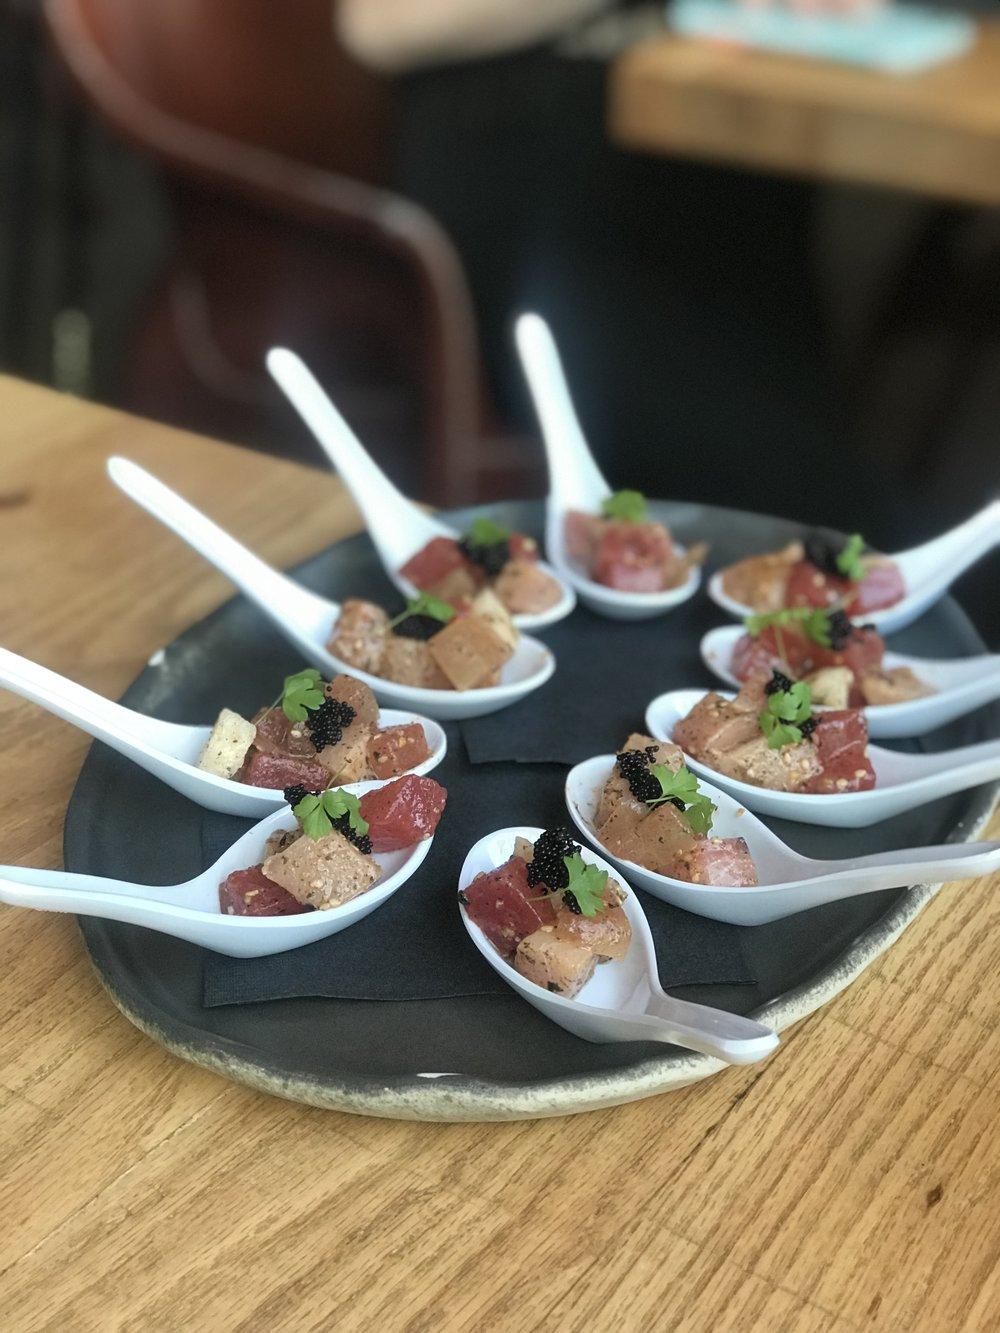 Tuna, watermelon, & jicama starter